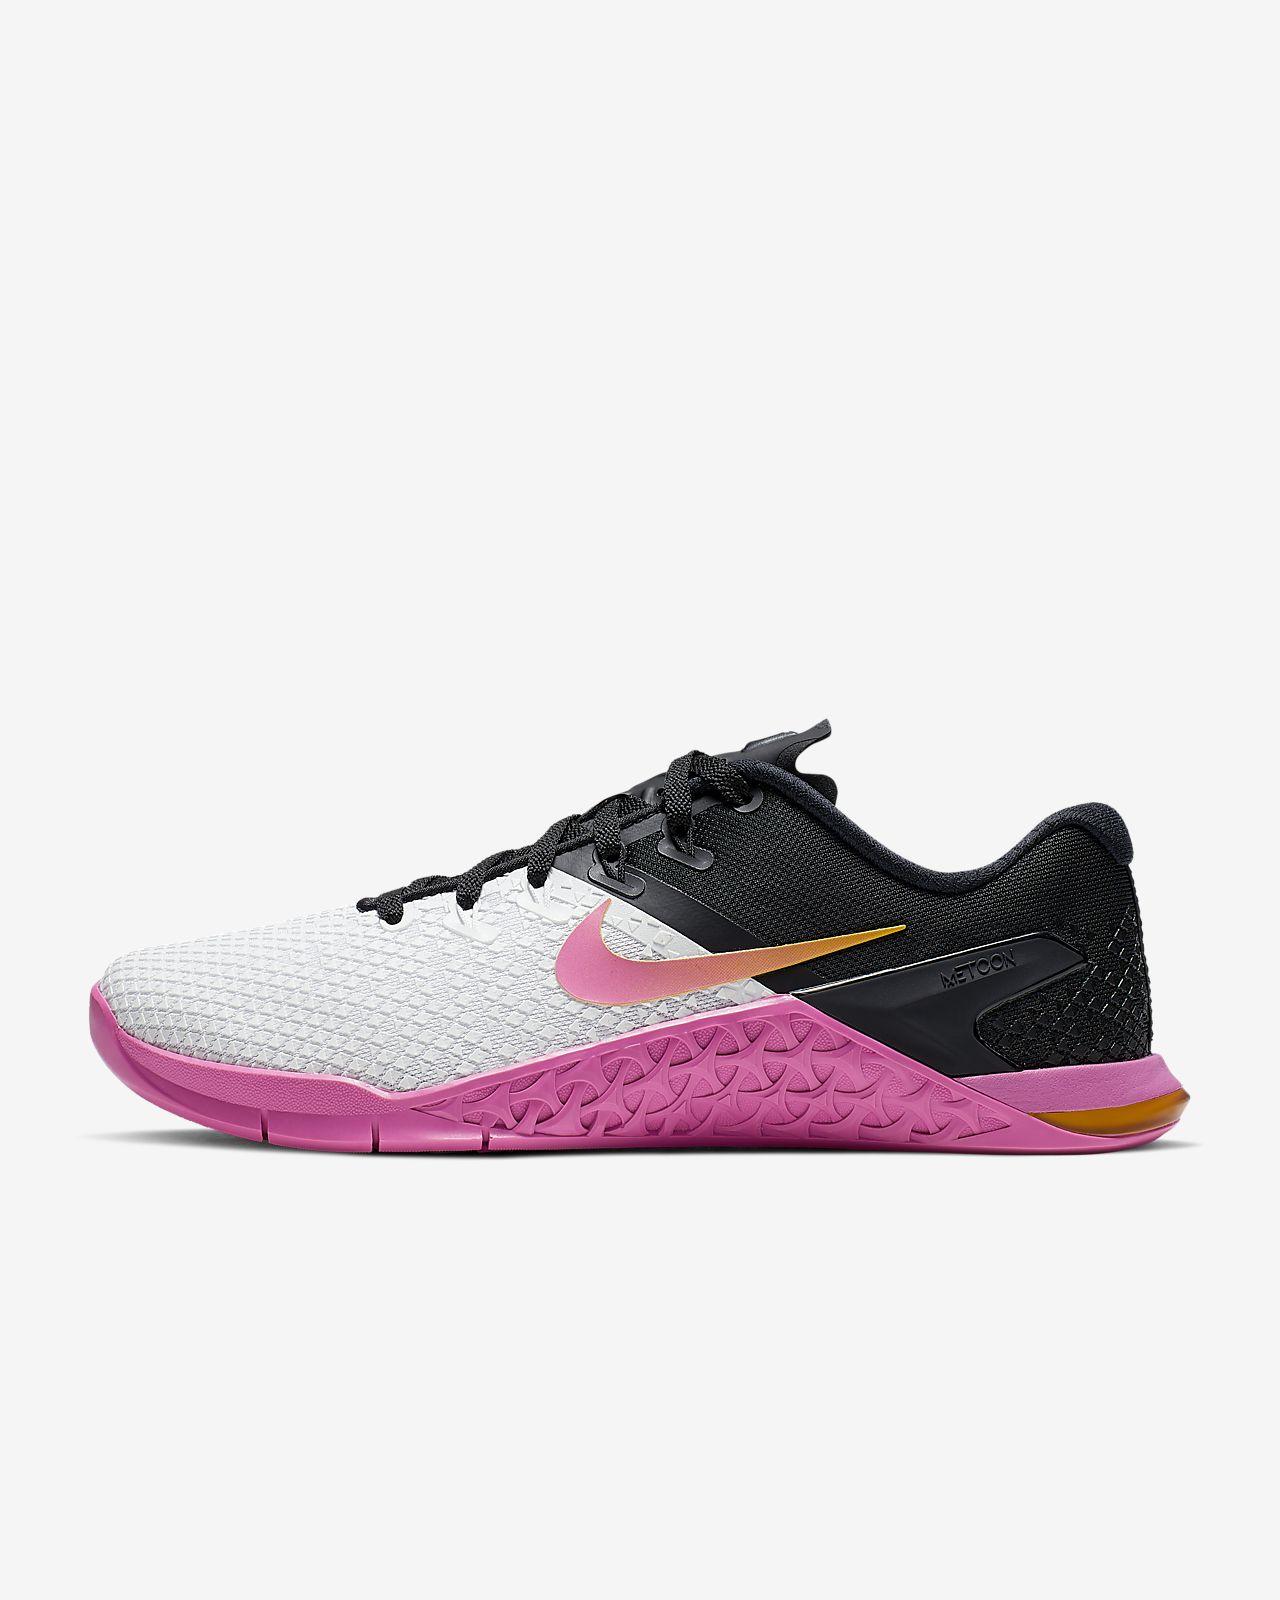 online store f921e 483a3 ... Chaussure de cross-training et de renforcement musculaire Nike Metcon 4  XD pour Femme